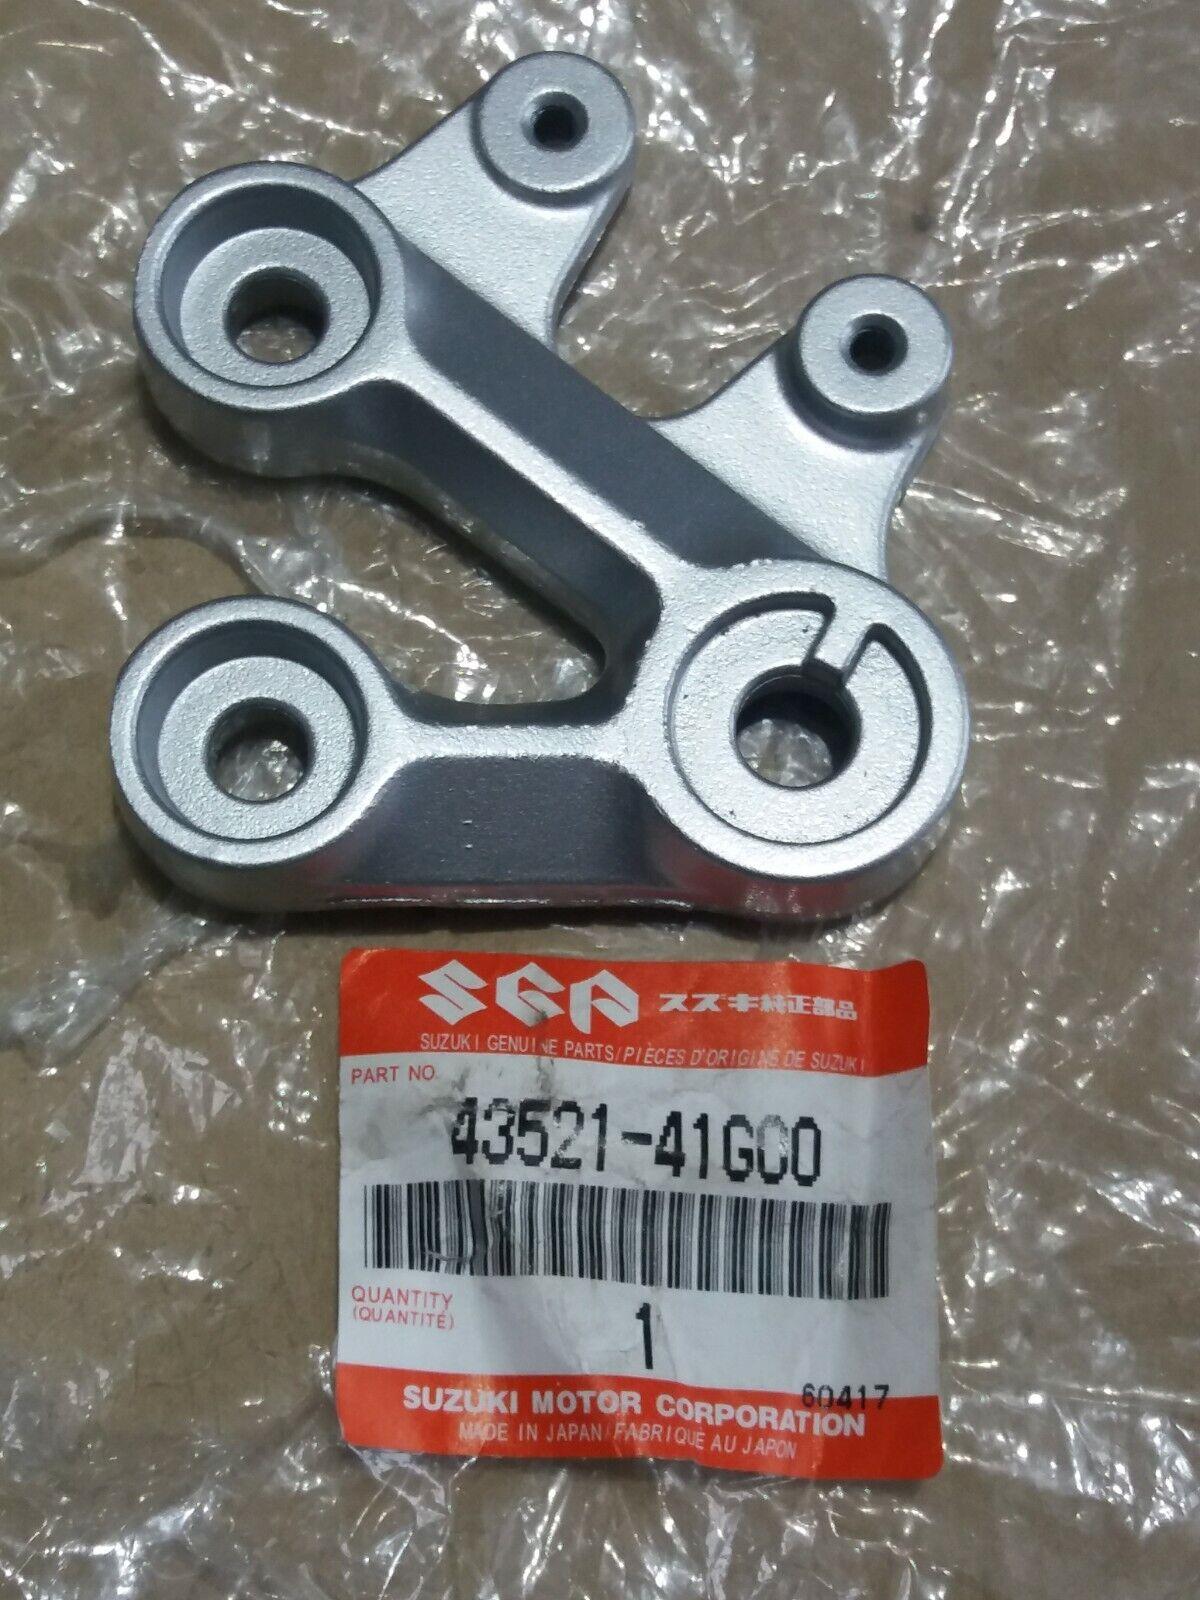 Spiegel-Set für Suzuki GSX-R 1000 K5 K6 2005-2006 56600-41G00 56500-41G00